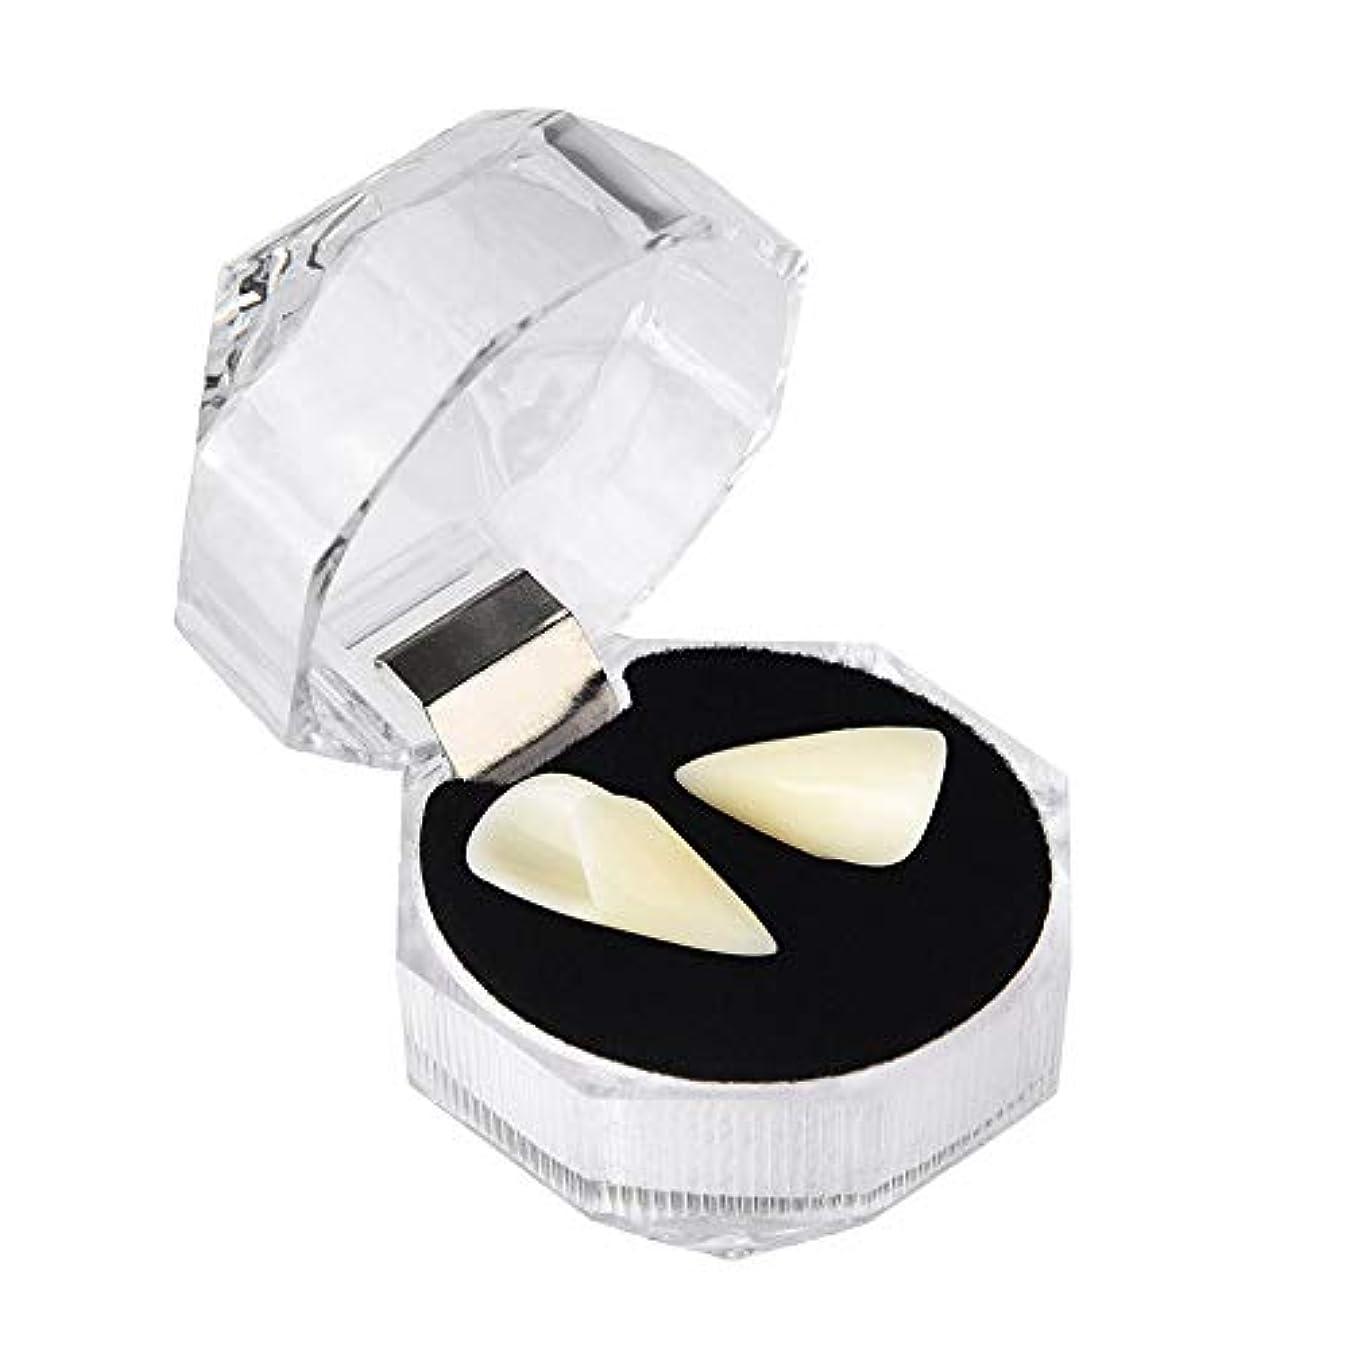 愛くさび嵐が丘ユニセックスハロウィーンロールプレイングゾンビ義歯、樹脂にやさしい食品グレード義歯(13mm、15mm、17mm、19mm),19mm